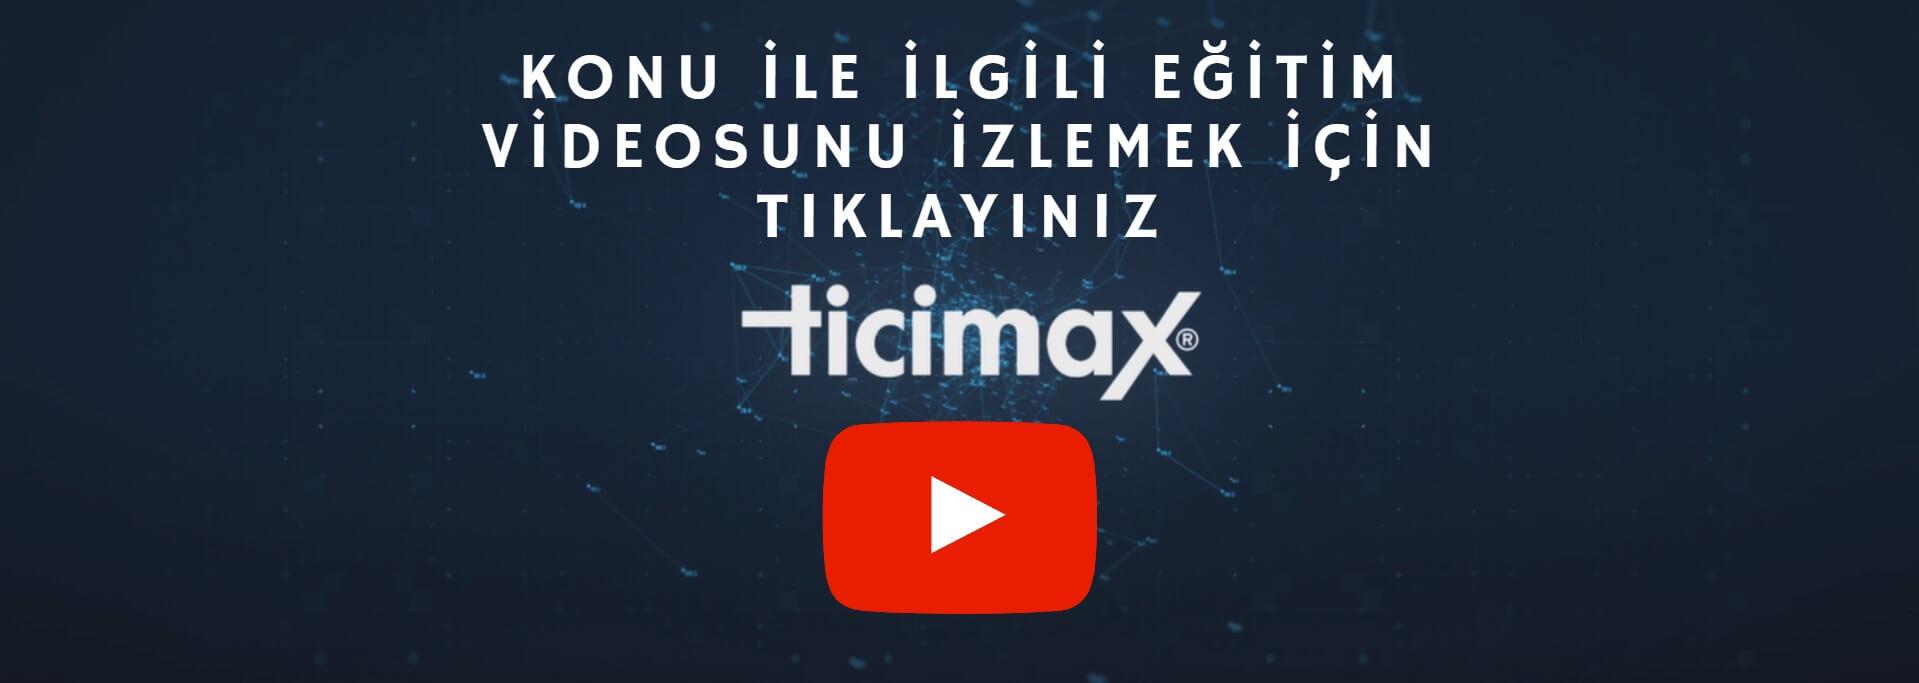 Ticimax Kurulum Rehberi